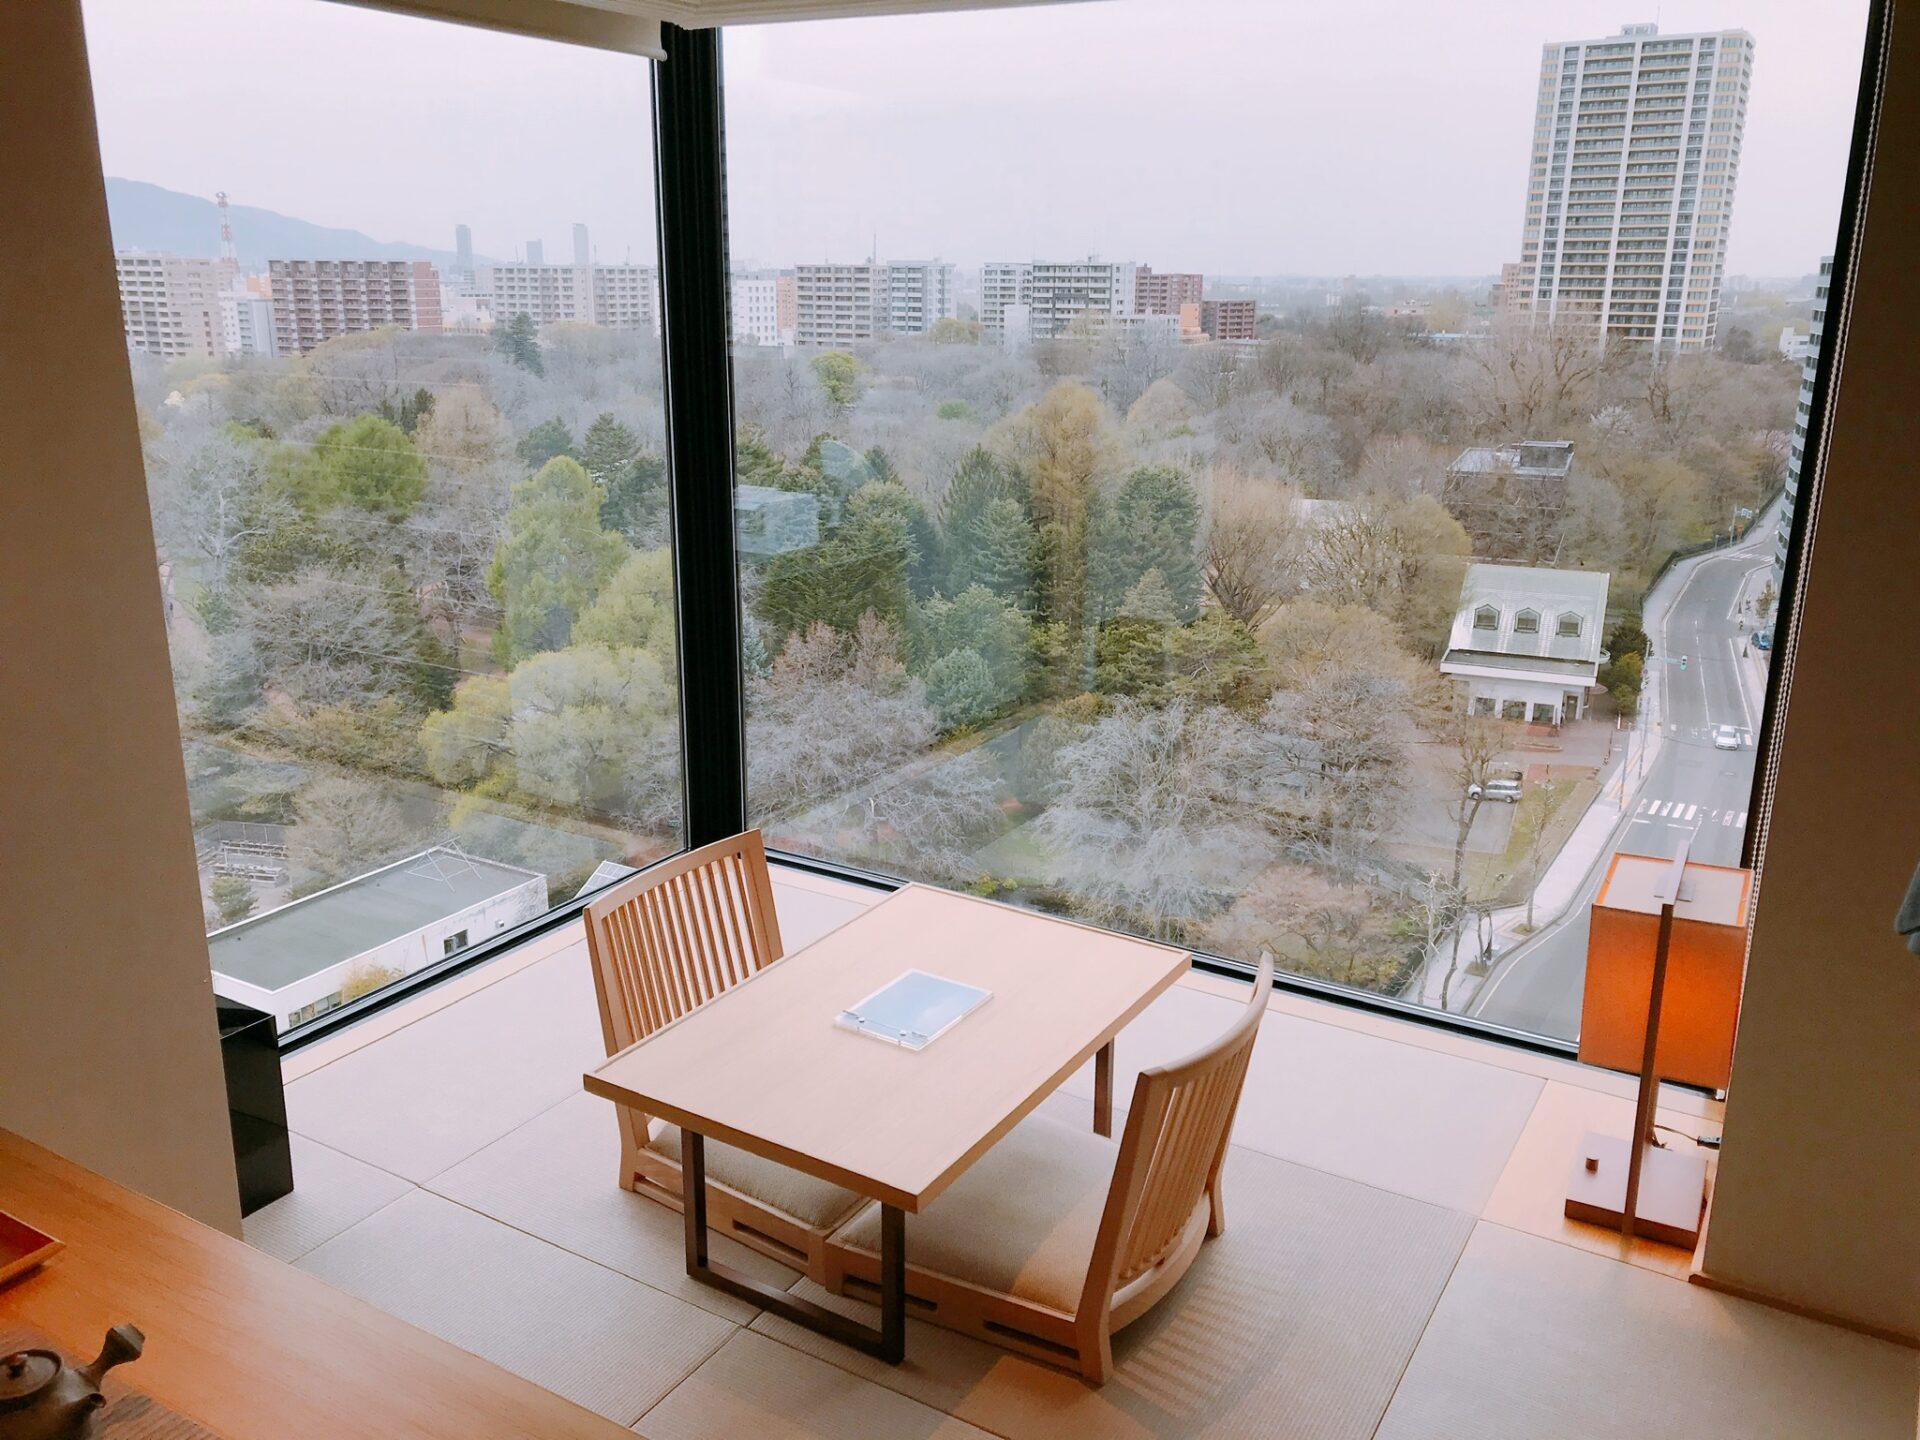 由縁札幌の客室から見える景色